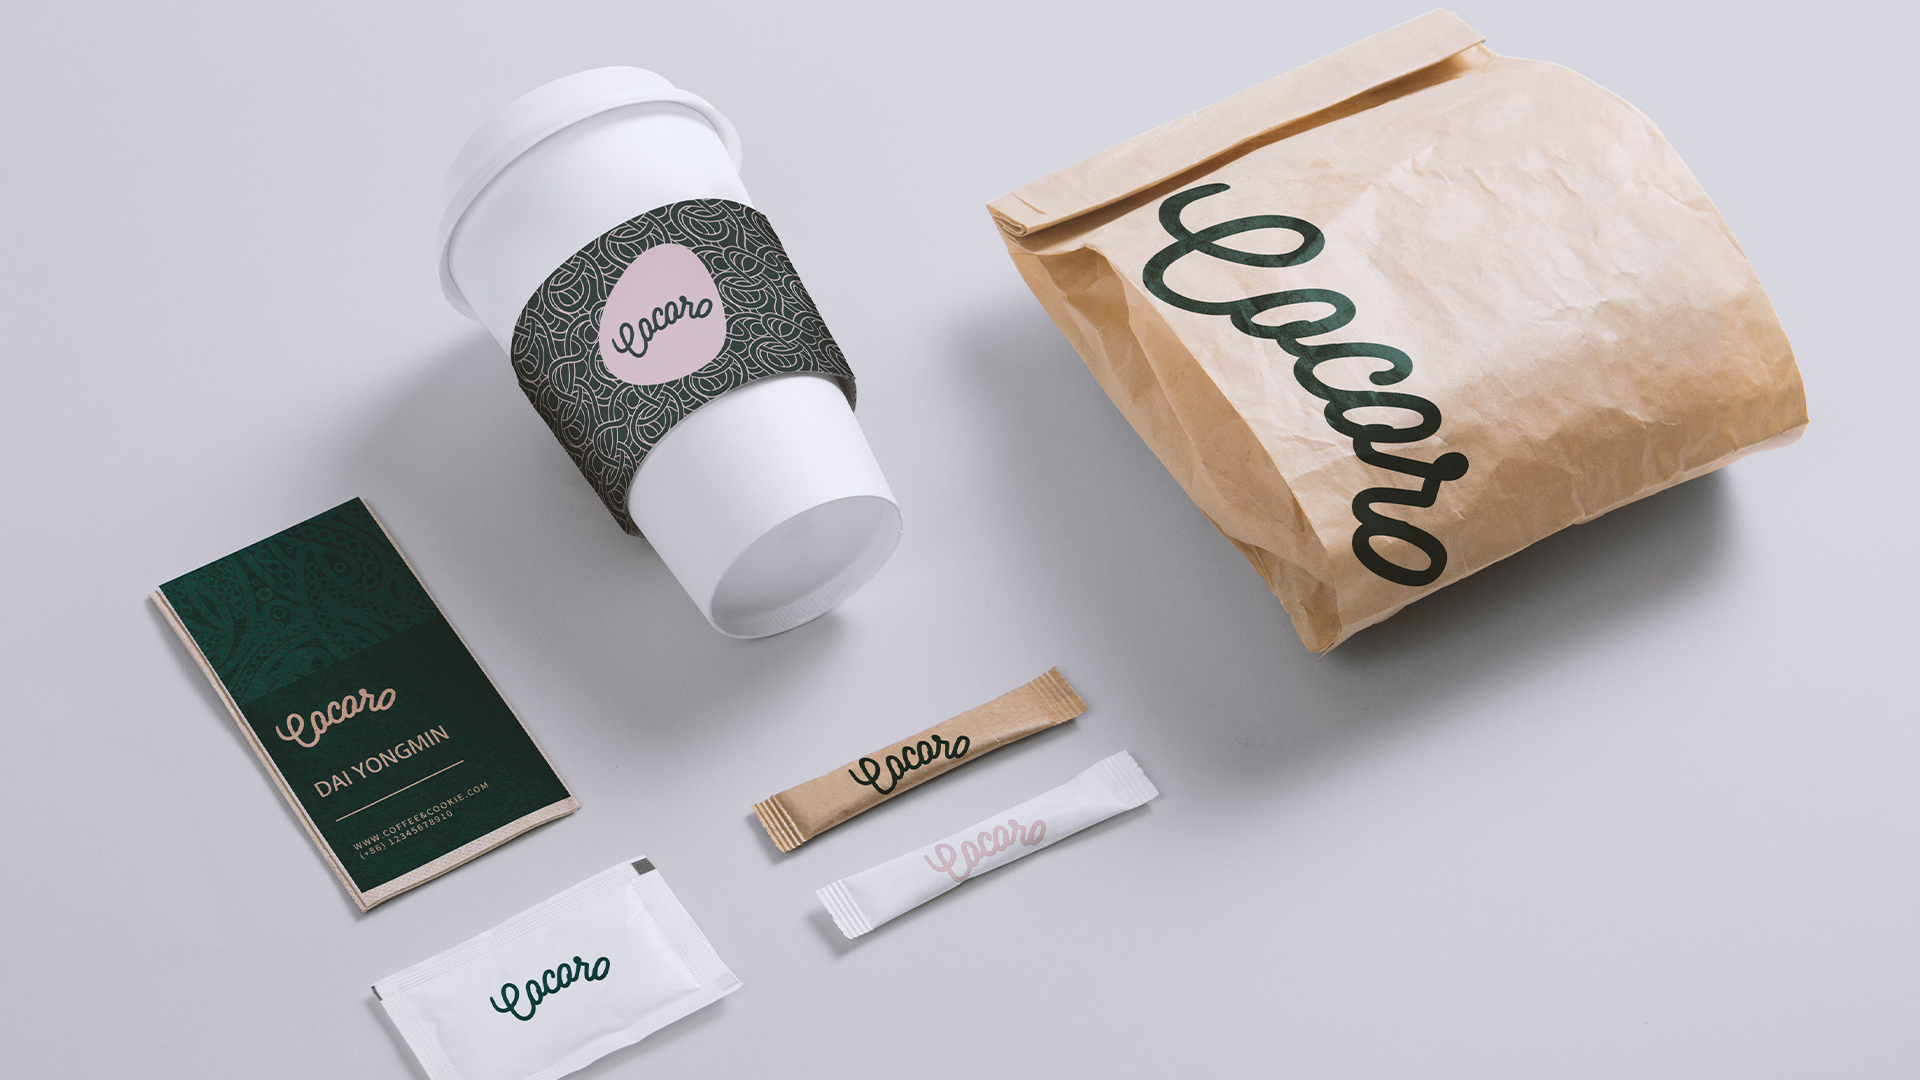 cocoro咖啡厅品牌包装设计-面包袋设计